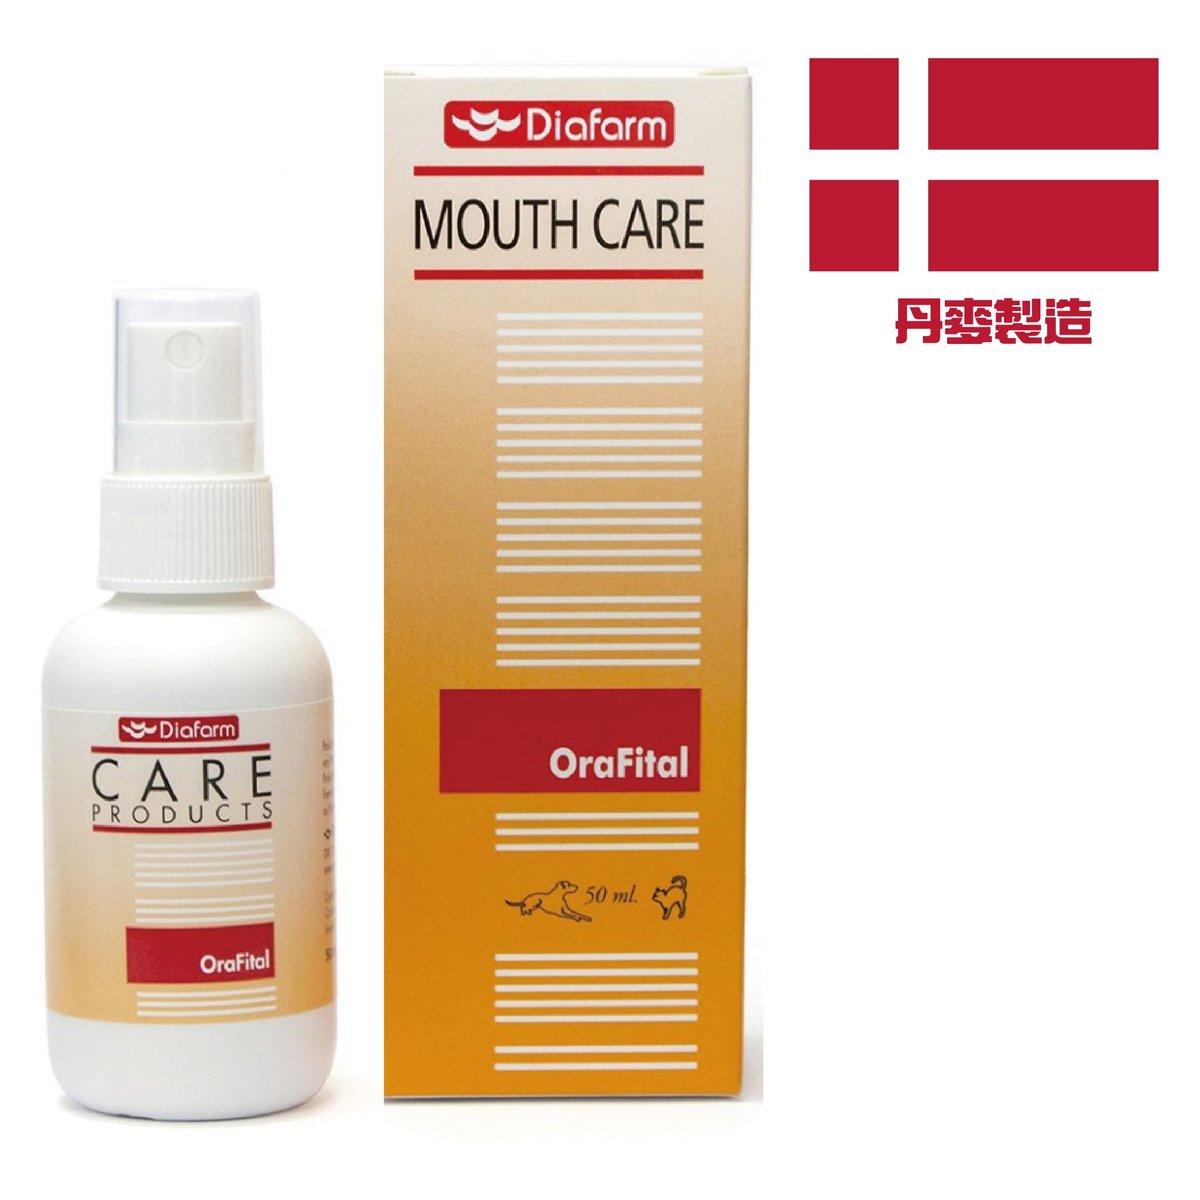 OraFital 50ml (ST-35751). Manufactured in Denmark